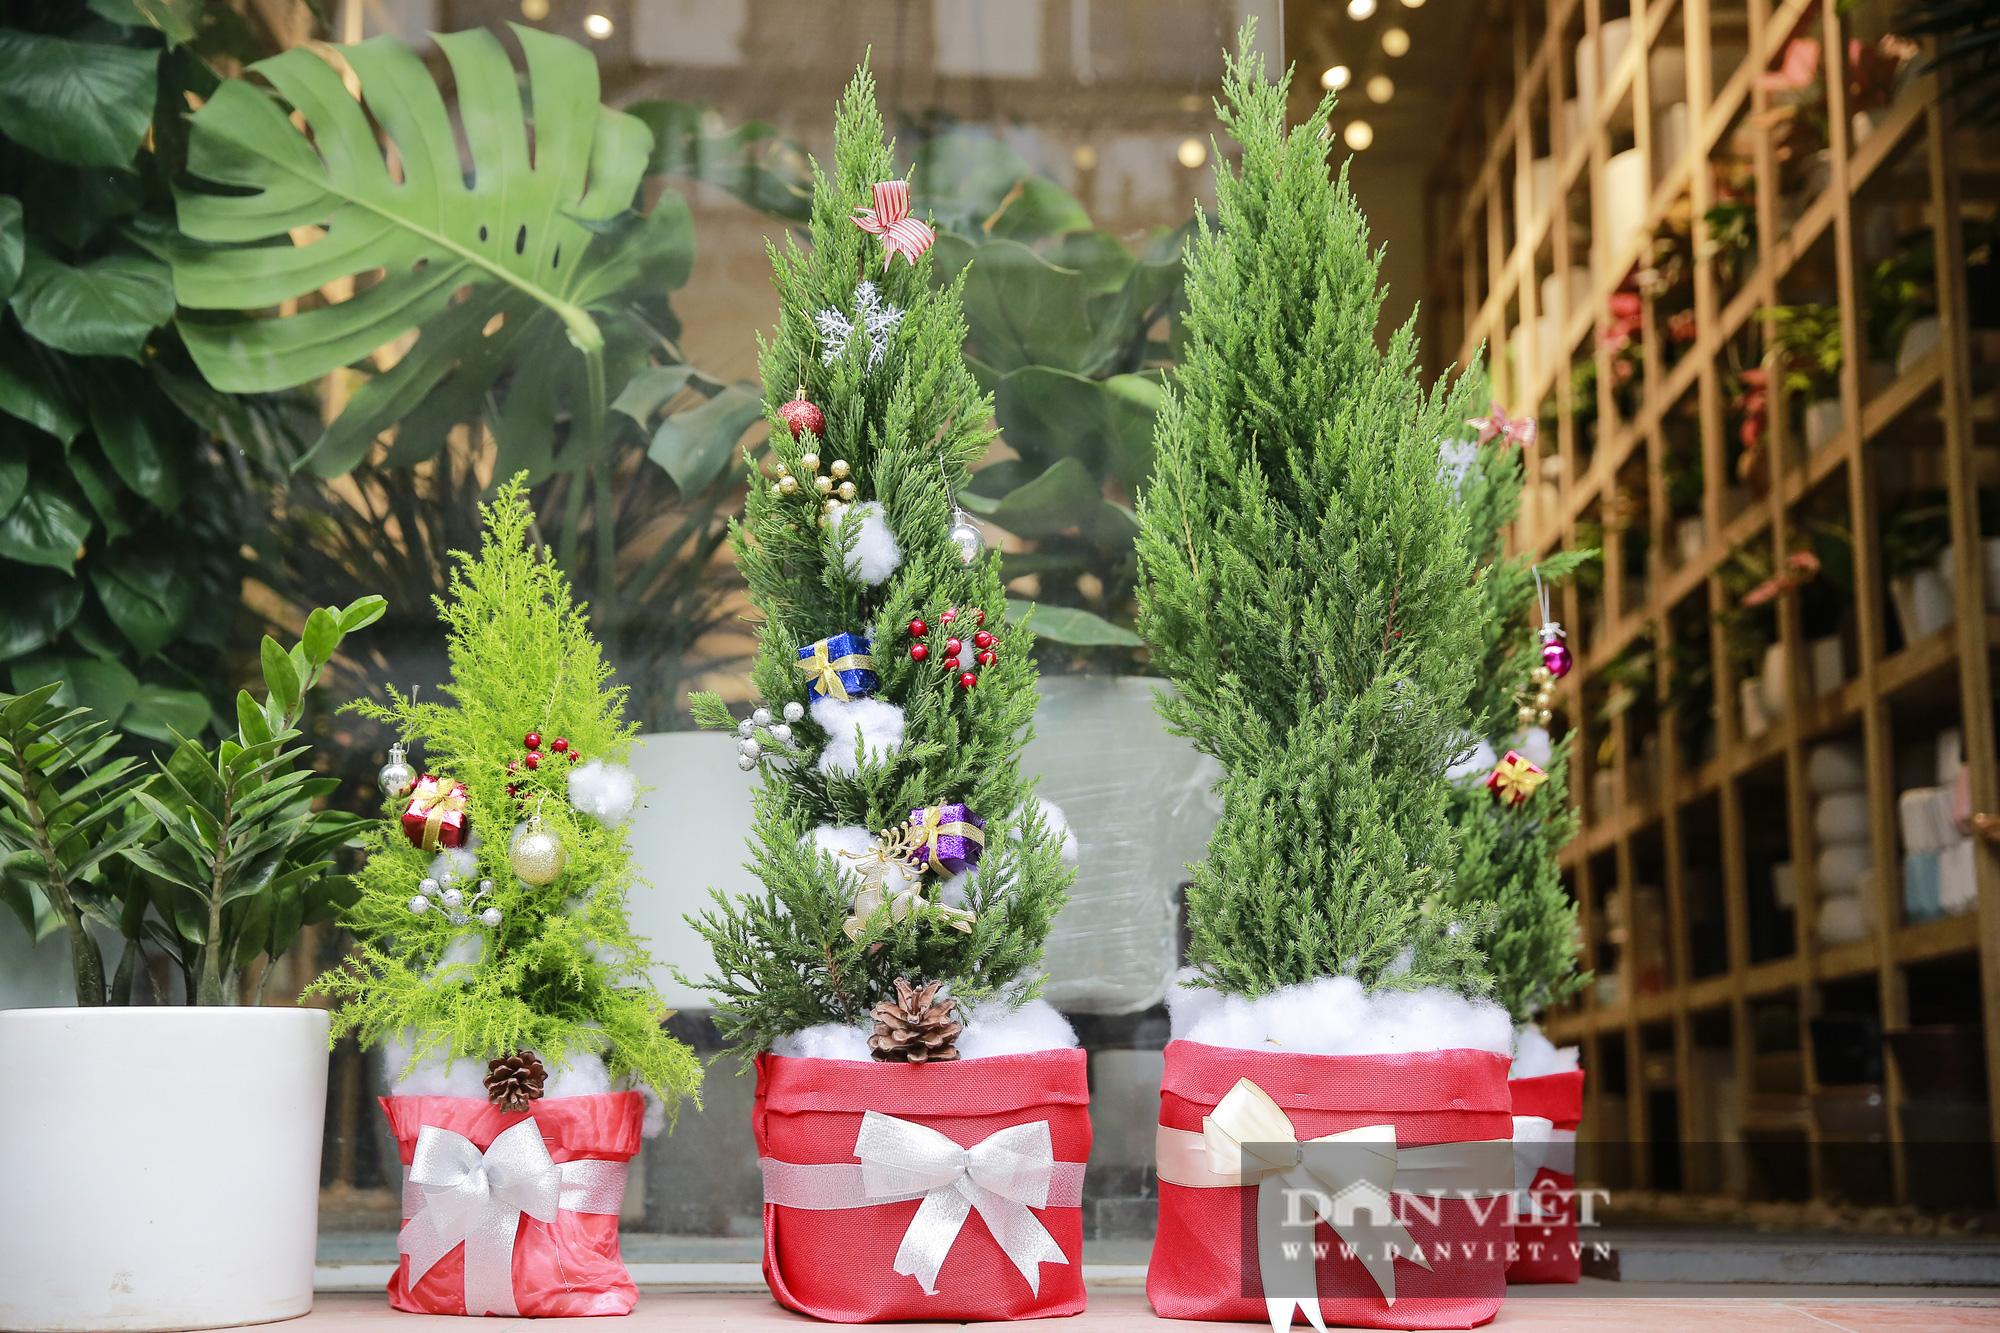 """Giá chỉ từ 100.000 đồng, """"bản sao"""" của cây thông thật đắt khách dịp Giáng sinh 2020 - Ảnh 7."""